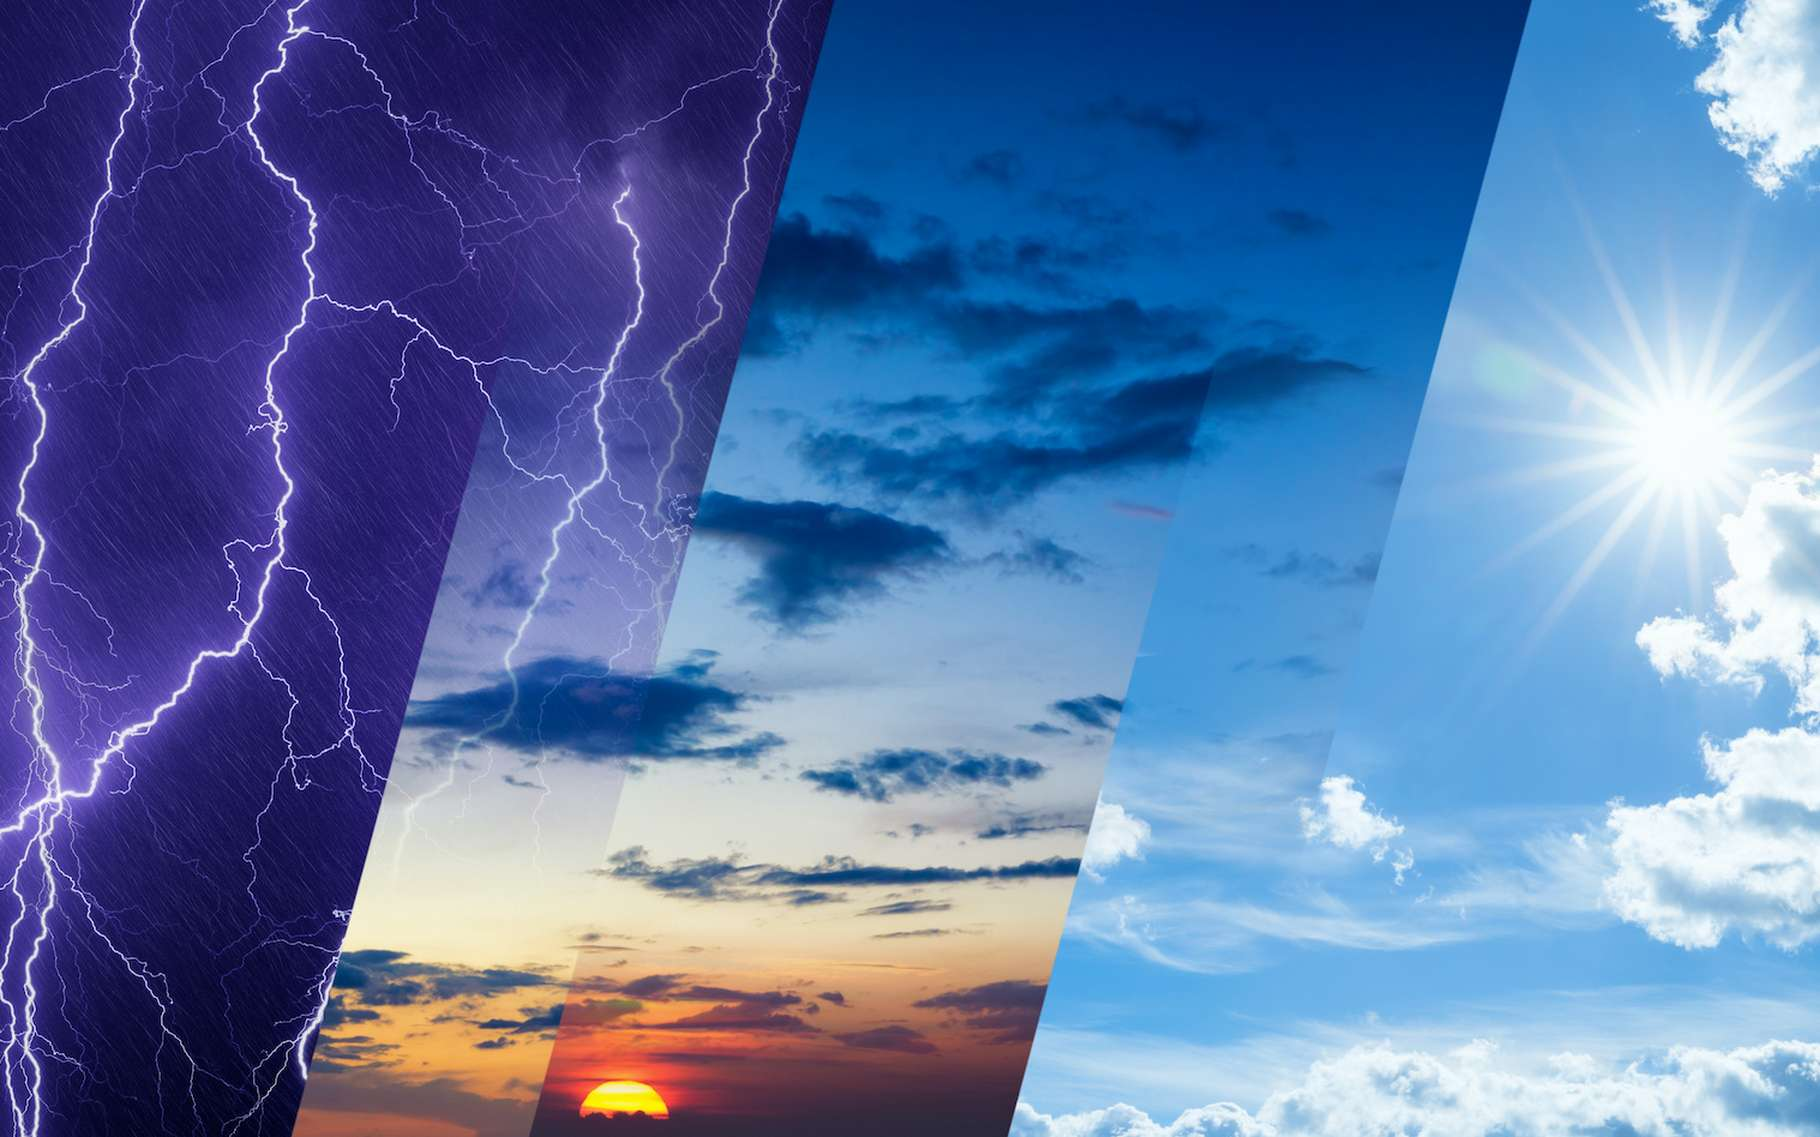 Décryptage : comment le machine learning va révolutionner les prévisions météo - Futura